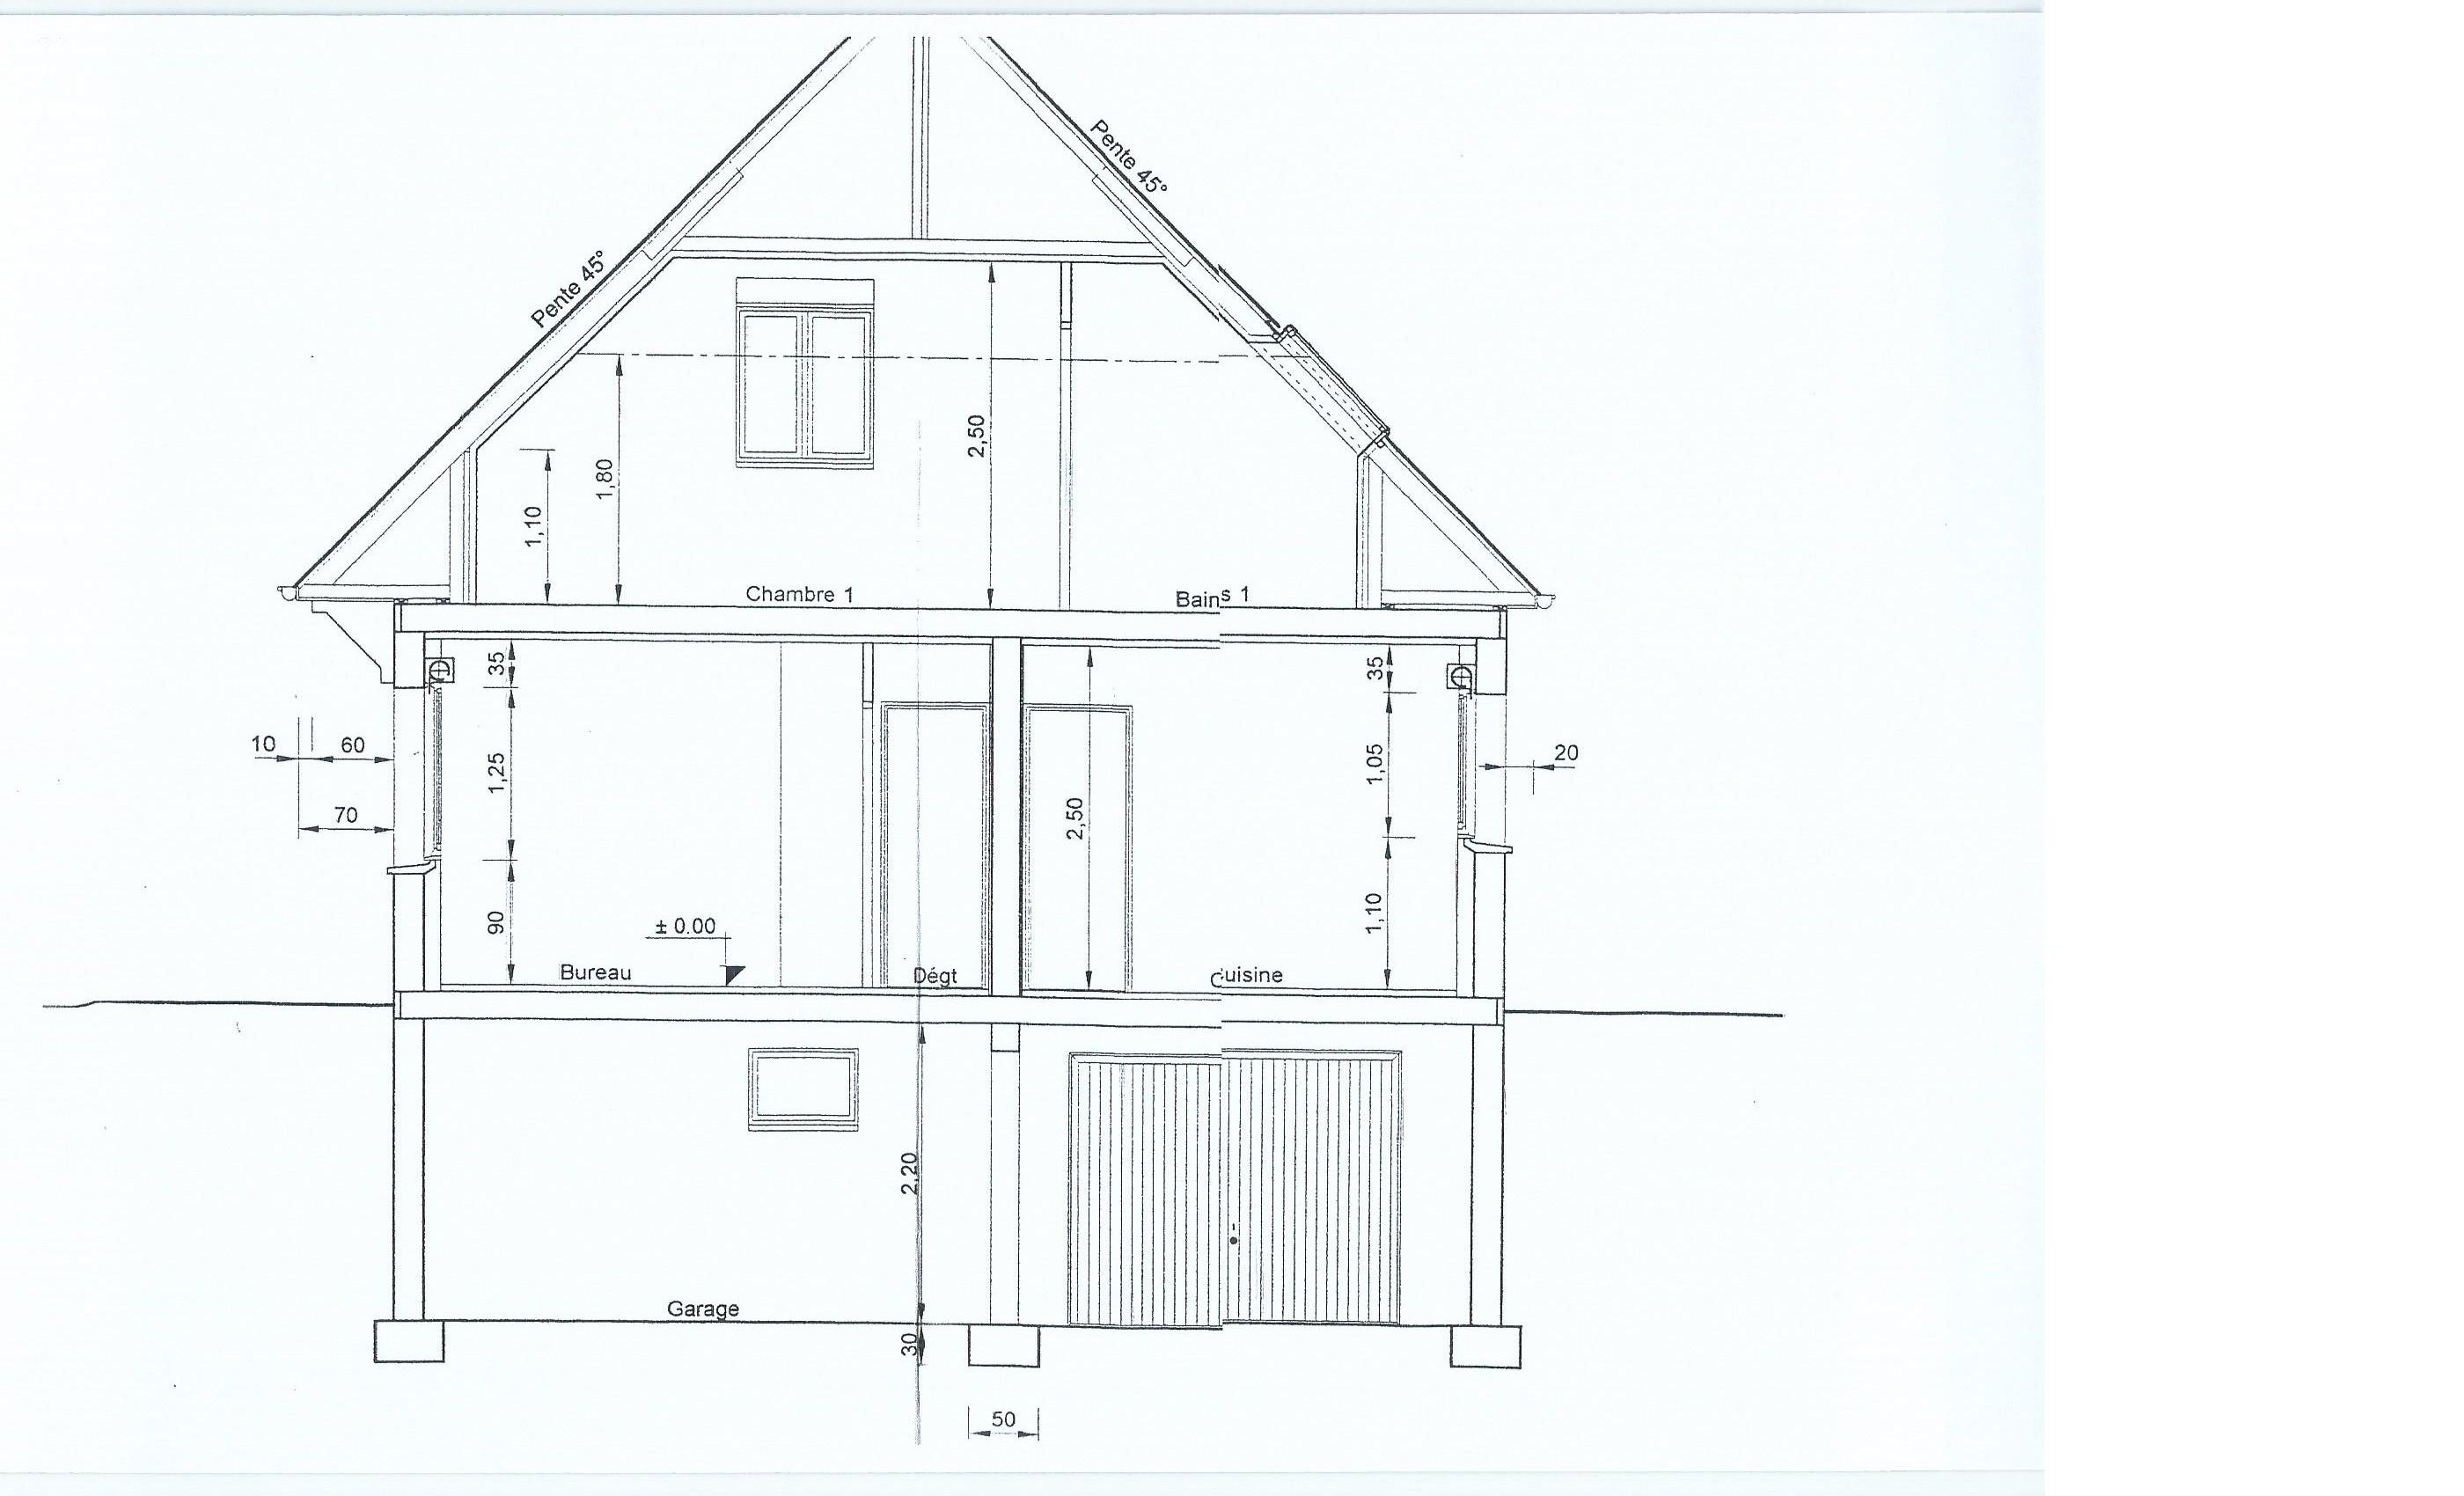 Besoin de conseils pour maison avec combles 130m2 env 19 - Dessin en coupe ...